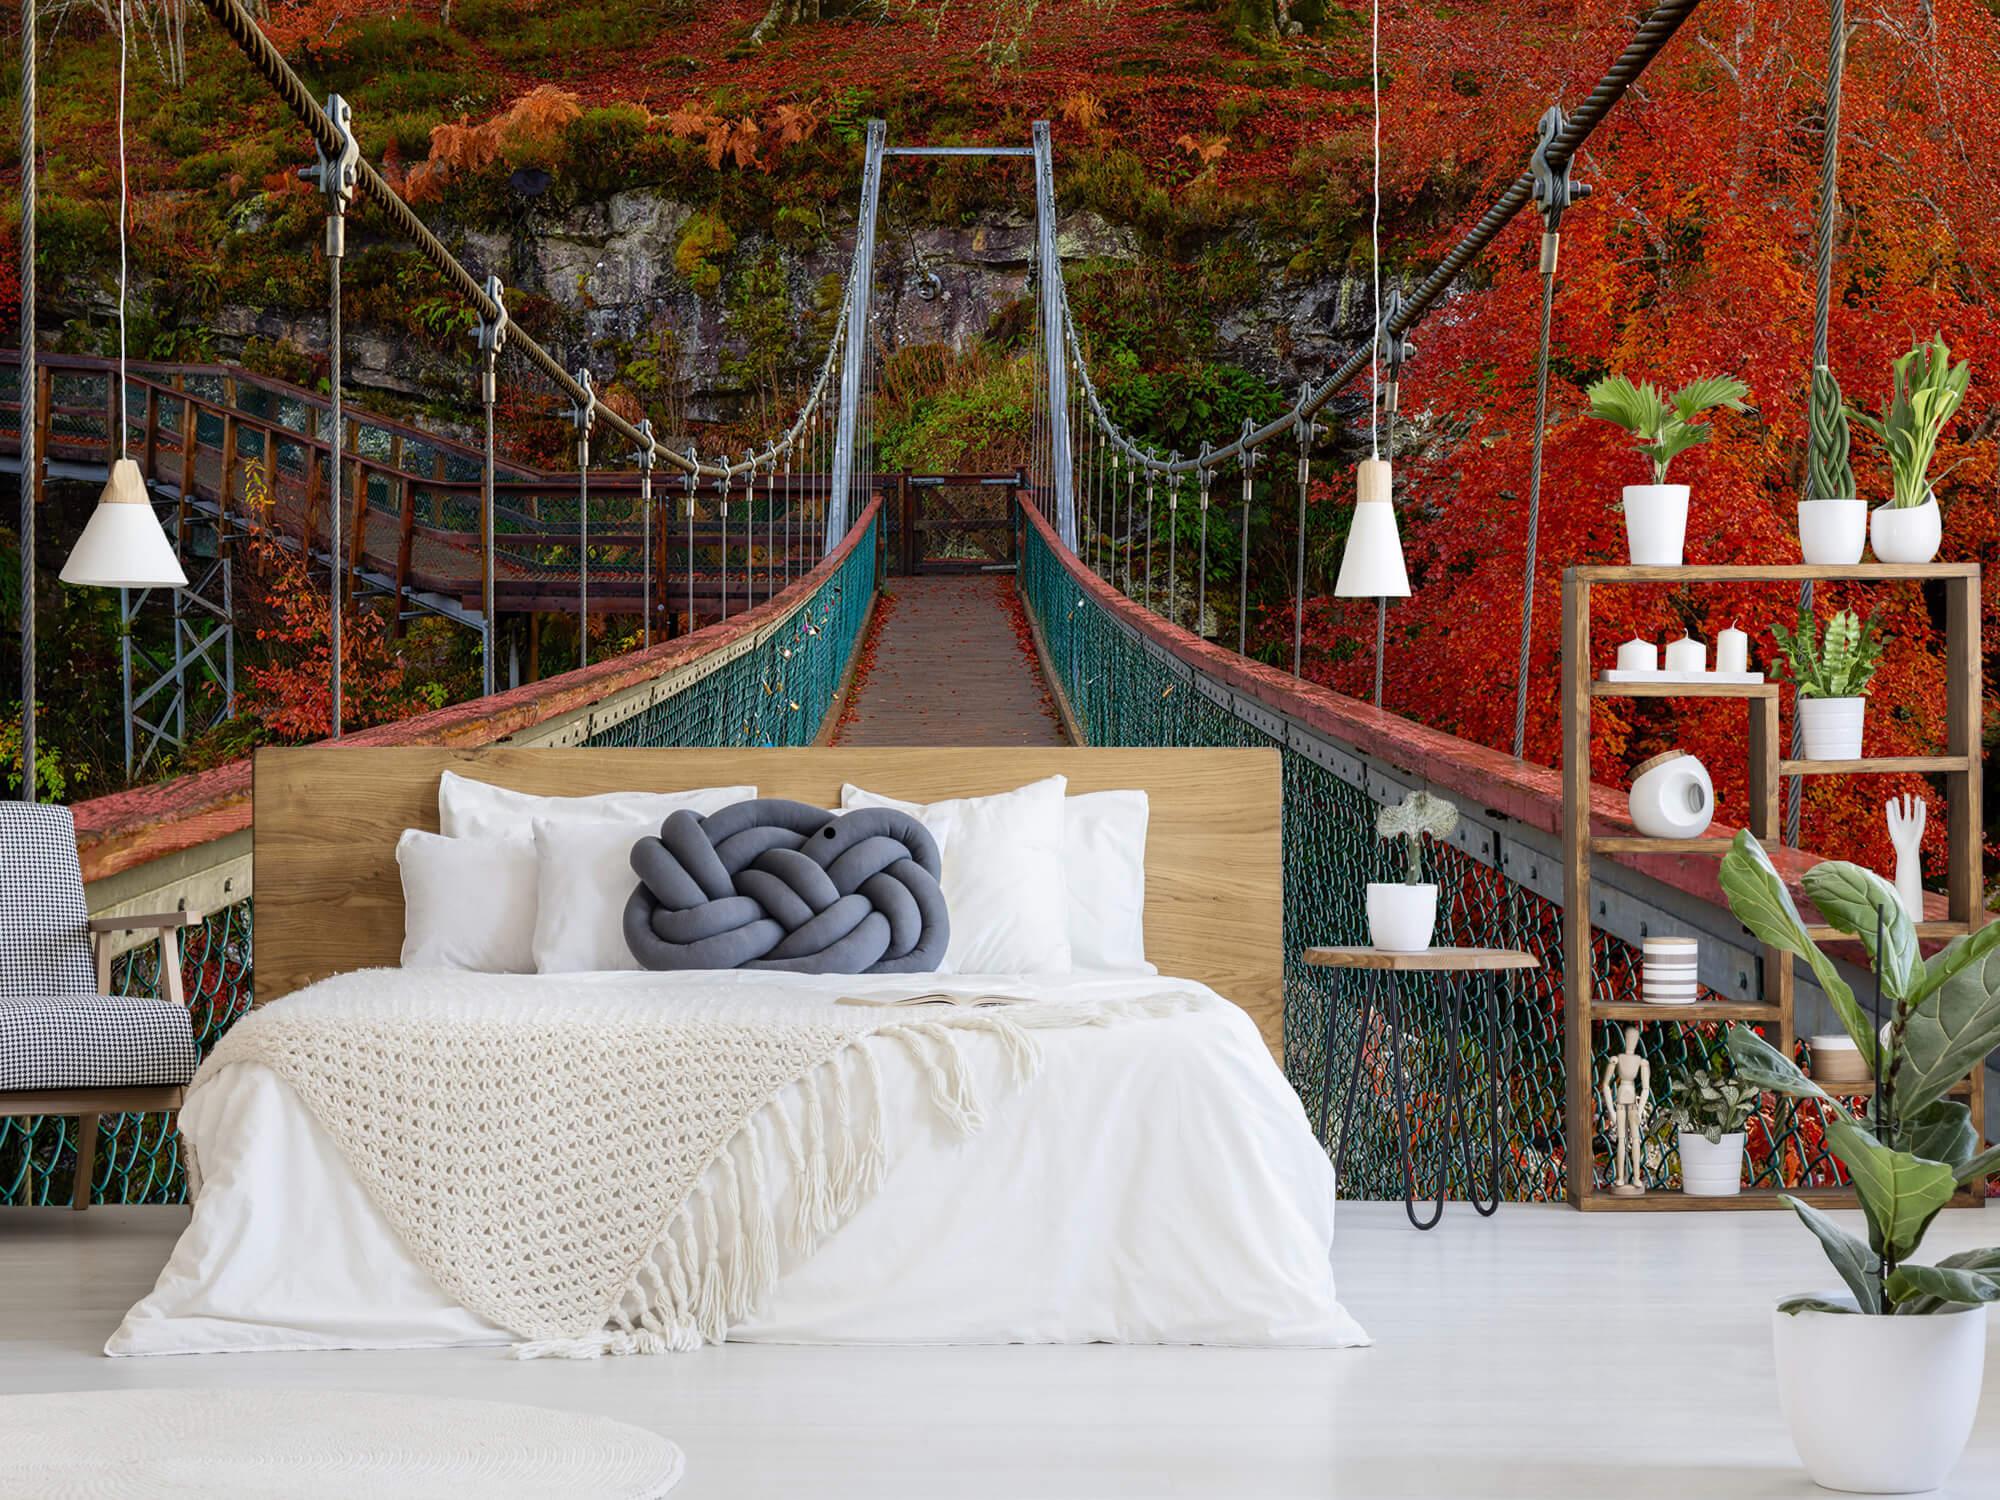 Herfst - Brug in herfstige omgeving - Slaapkamer 2